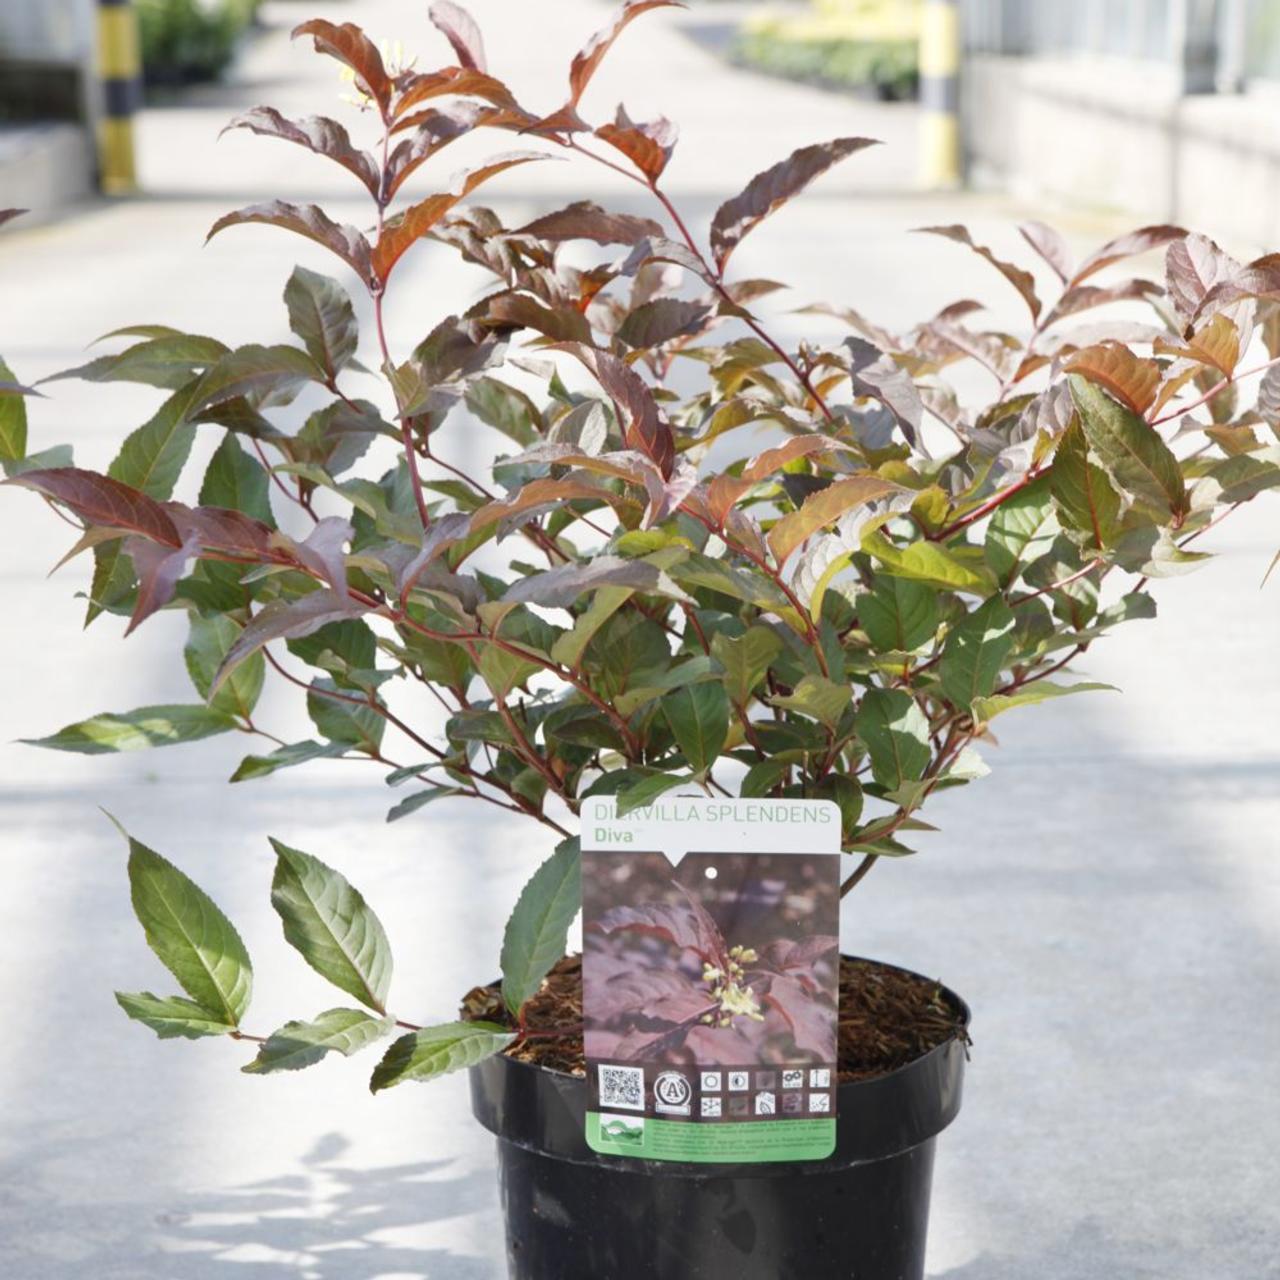 Diervilla splendens 'Diva' plant